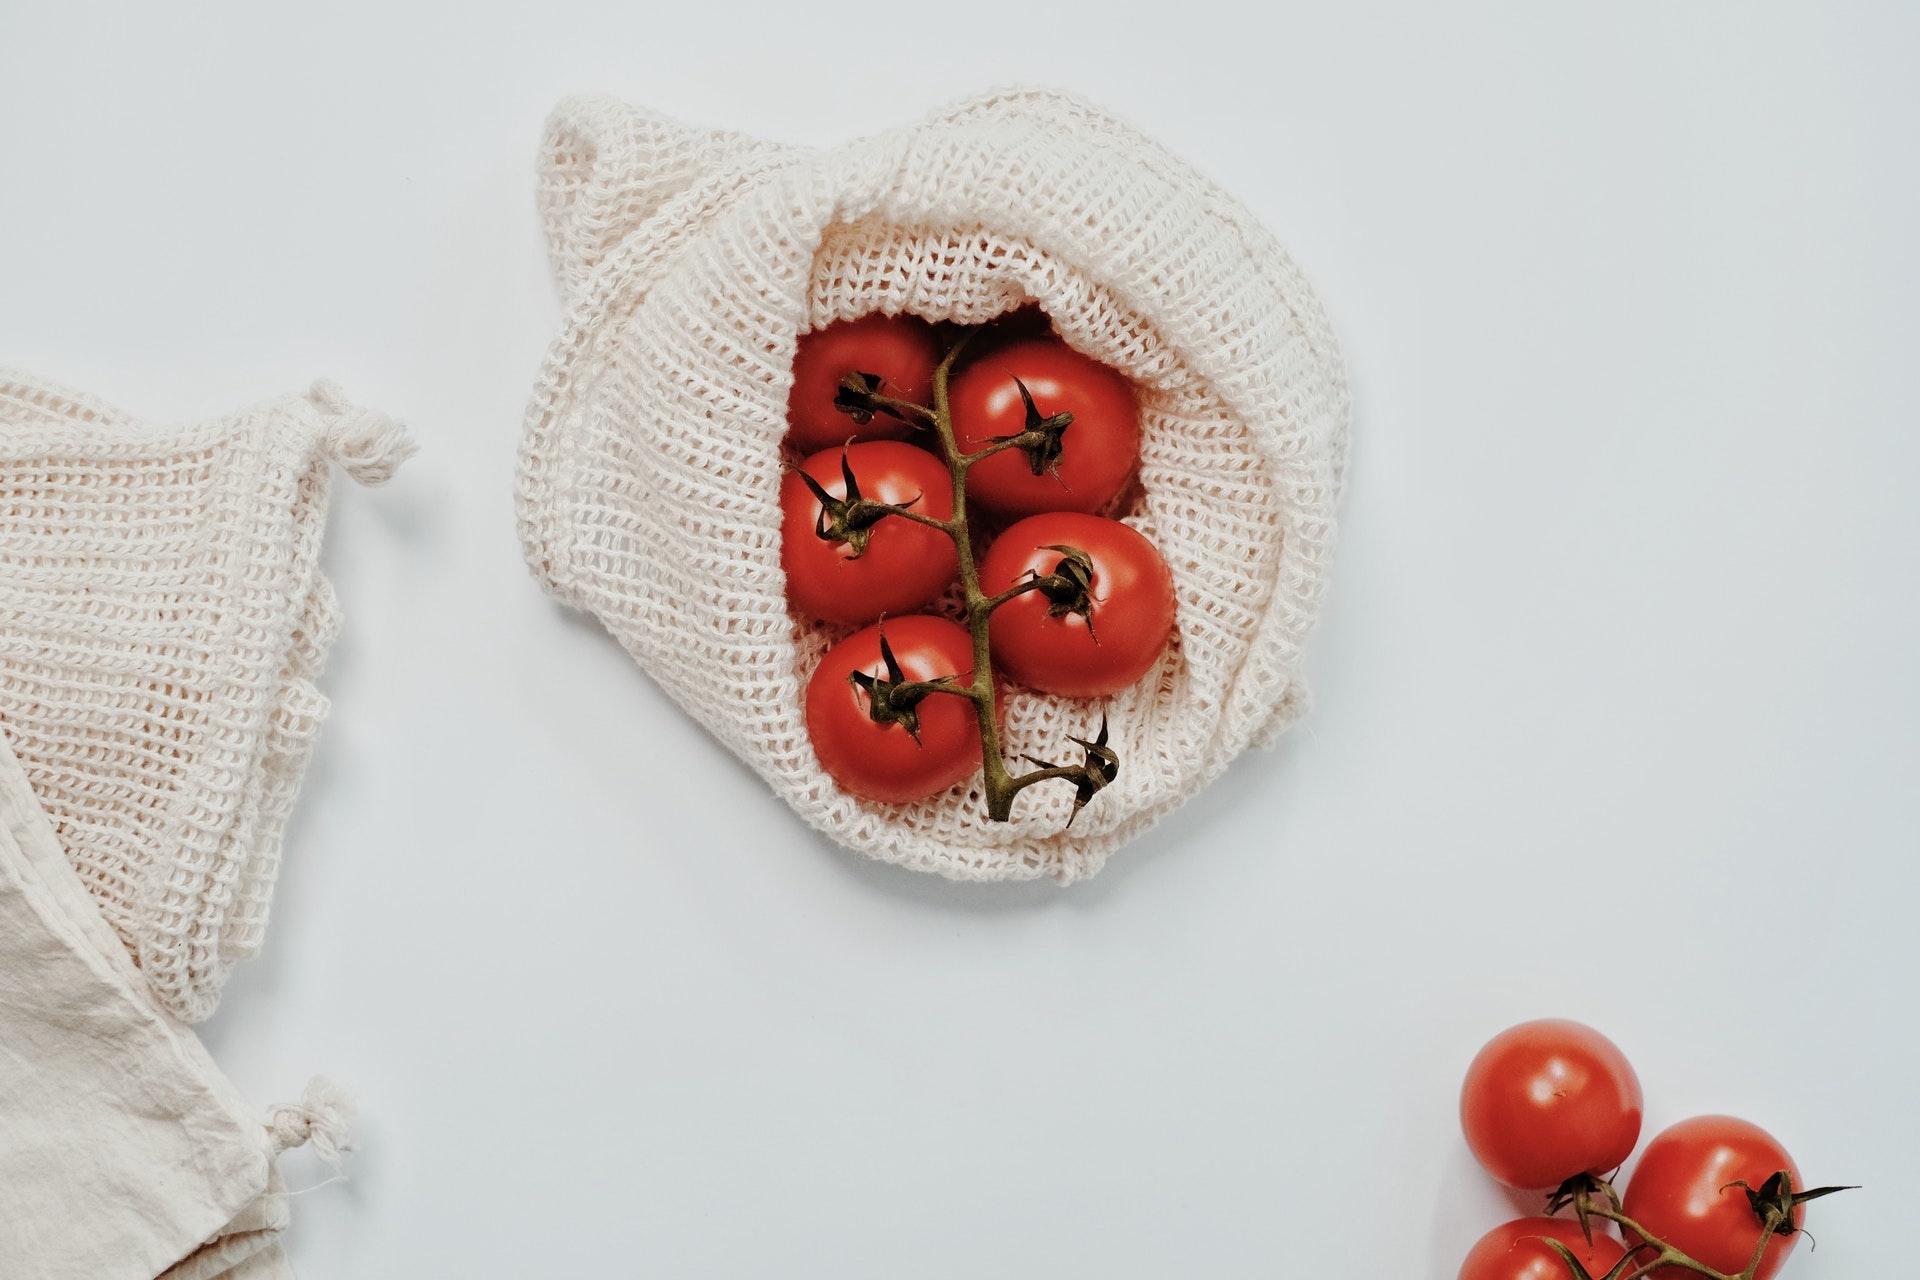 Rote Tomaten in weißem Baumwoll-Frischenetz auf weißem Grund als Beispiel für nachhaltigen Einkauf.